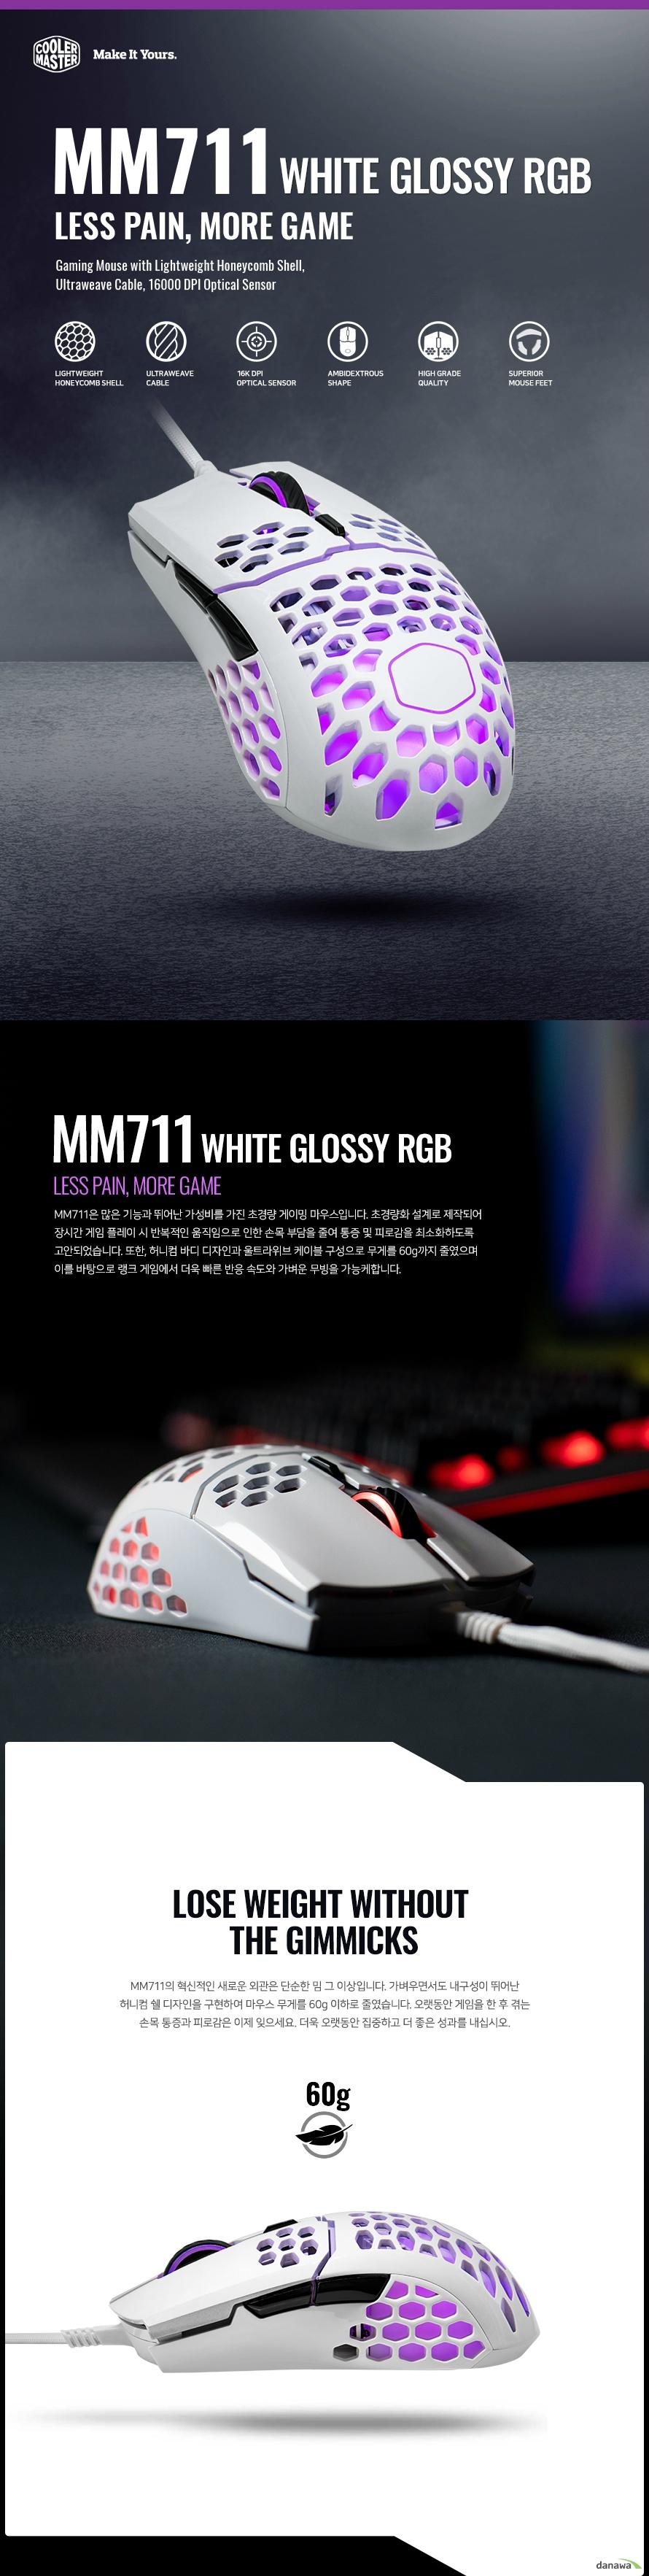 MM711은 많은 기능과 뛰어난 가성비를 가진 초경량 게이밍 마우스입니다. 초경량화 설계로 제작되어 장시간 게임 플레이 시 반복적인 움직임으로 인한 손목 부담을 줄여 통증 및 피로감을 최소화하도록 고안되었습니다. 또한, 허니컴 바디 디자인과 울트라위브 케이블 구성으로 무게를 60g까지 줄였으며 이를 바탕으로 랭크 게임에서 더욱 빠른 반응 속도와 가벼운 무빙을 가능케합니다.   MM711의 혁신적인 새로운 외관은 단순한 밈 그 이상입니다. 가벼우면서도 내구성이 뛰어난 허니컴 쉘 디자인을 구현하여 마우스 무게를 60g 이하로 줄였습니다. 오랫동안 게임을 한 후 겪는 손목 통증과 피로감은 이제 잊으세요. 더욱 오랫동안 집중하고 더 좋은 성과를 내십시오.   MM711의 울트라위브 케이블은 내구성이 뛰어나면서도 유연한 소재로 구성되었습니다. 케이블이 꺾이거나, 꼬이거나, 구불구불한 상태로 굳어버리는 일 없이 항상 유연하고 탄력적인 움직임을 보장하기 때문에 이제 더 이상 마우스 번지를 사용하지 않아도 됩니다.    고정밀 PixArt PMW 3389 센서를 장착하여 신호 지연, 끊김을 최소화하였습니다. 초고해상도 16000 DPI로 높은 정확도와 정밀함을 가졌으며 플레이 스타일에 따라 단축 버튼을 통해 실시간으로 DPI를 조정할 수도 있습니다.    오른 손잡이에게 최적화된 손잡이 모양으로 사용자 지정 단축 버튼이 왼쪽 측면에 2개 배치되어 있습니다. 대담하고 새로운 천공 디자인으로 공기 흐름 효율을 높여 열 배출이 원할하고 손에 땀이 차는 것을 방지해줍니다.   다른 일반적인 마우스에서 볼 수 없는 뛰어난 반응성을 가진 마우스피트로 매끄러운 움직임을 보장합니다. 낮은 마찰력을 갖고 있기에 마치 스케이트처럼 부드럽고 거침없으며 항상 균일하게 움직일 수 있도록 도와줍니다.    외부 오염에 노출되기 쉬운 디자인이기 때문에 MM710의 내부 PCB 기판에는 방진 및 방수 코팅 처리가 되어있습니다. 음료를 쏟거나 많은 먼지가 유입되는 상황에도 안정적으로 작동합니다. 단, 스위치에는 방수 코팅이 되어있지 않으므로 주의바랍니다.   S급 내구성을 자랑하는 옴론 스위치는 약 2천만회 이상 클릭을 견딜 수 있도록 제작되어 오랜 시간동안 사용해도 변함없는 클릭감과 정확한 입력을 지원합니다.